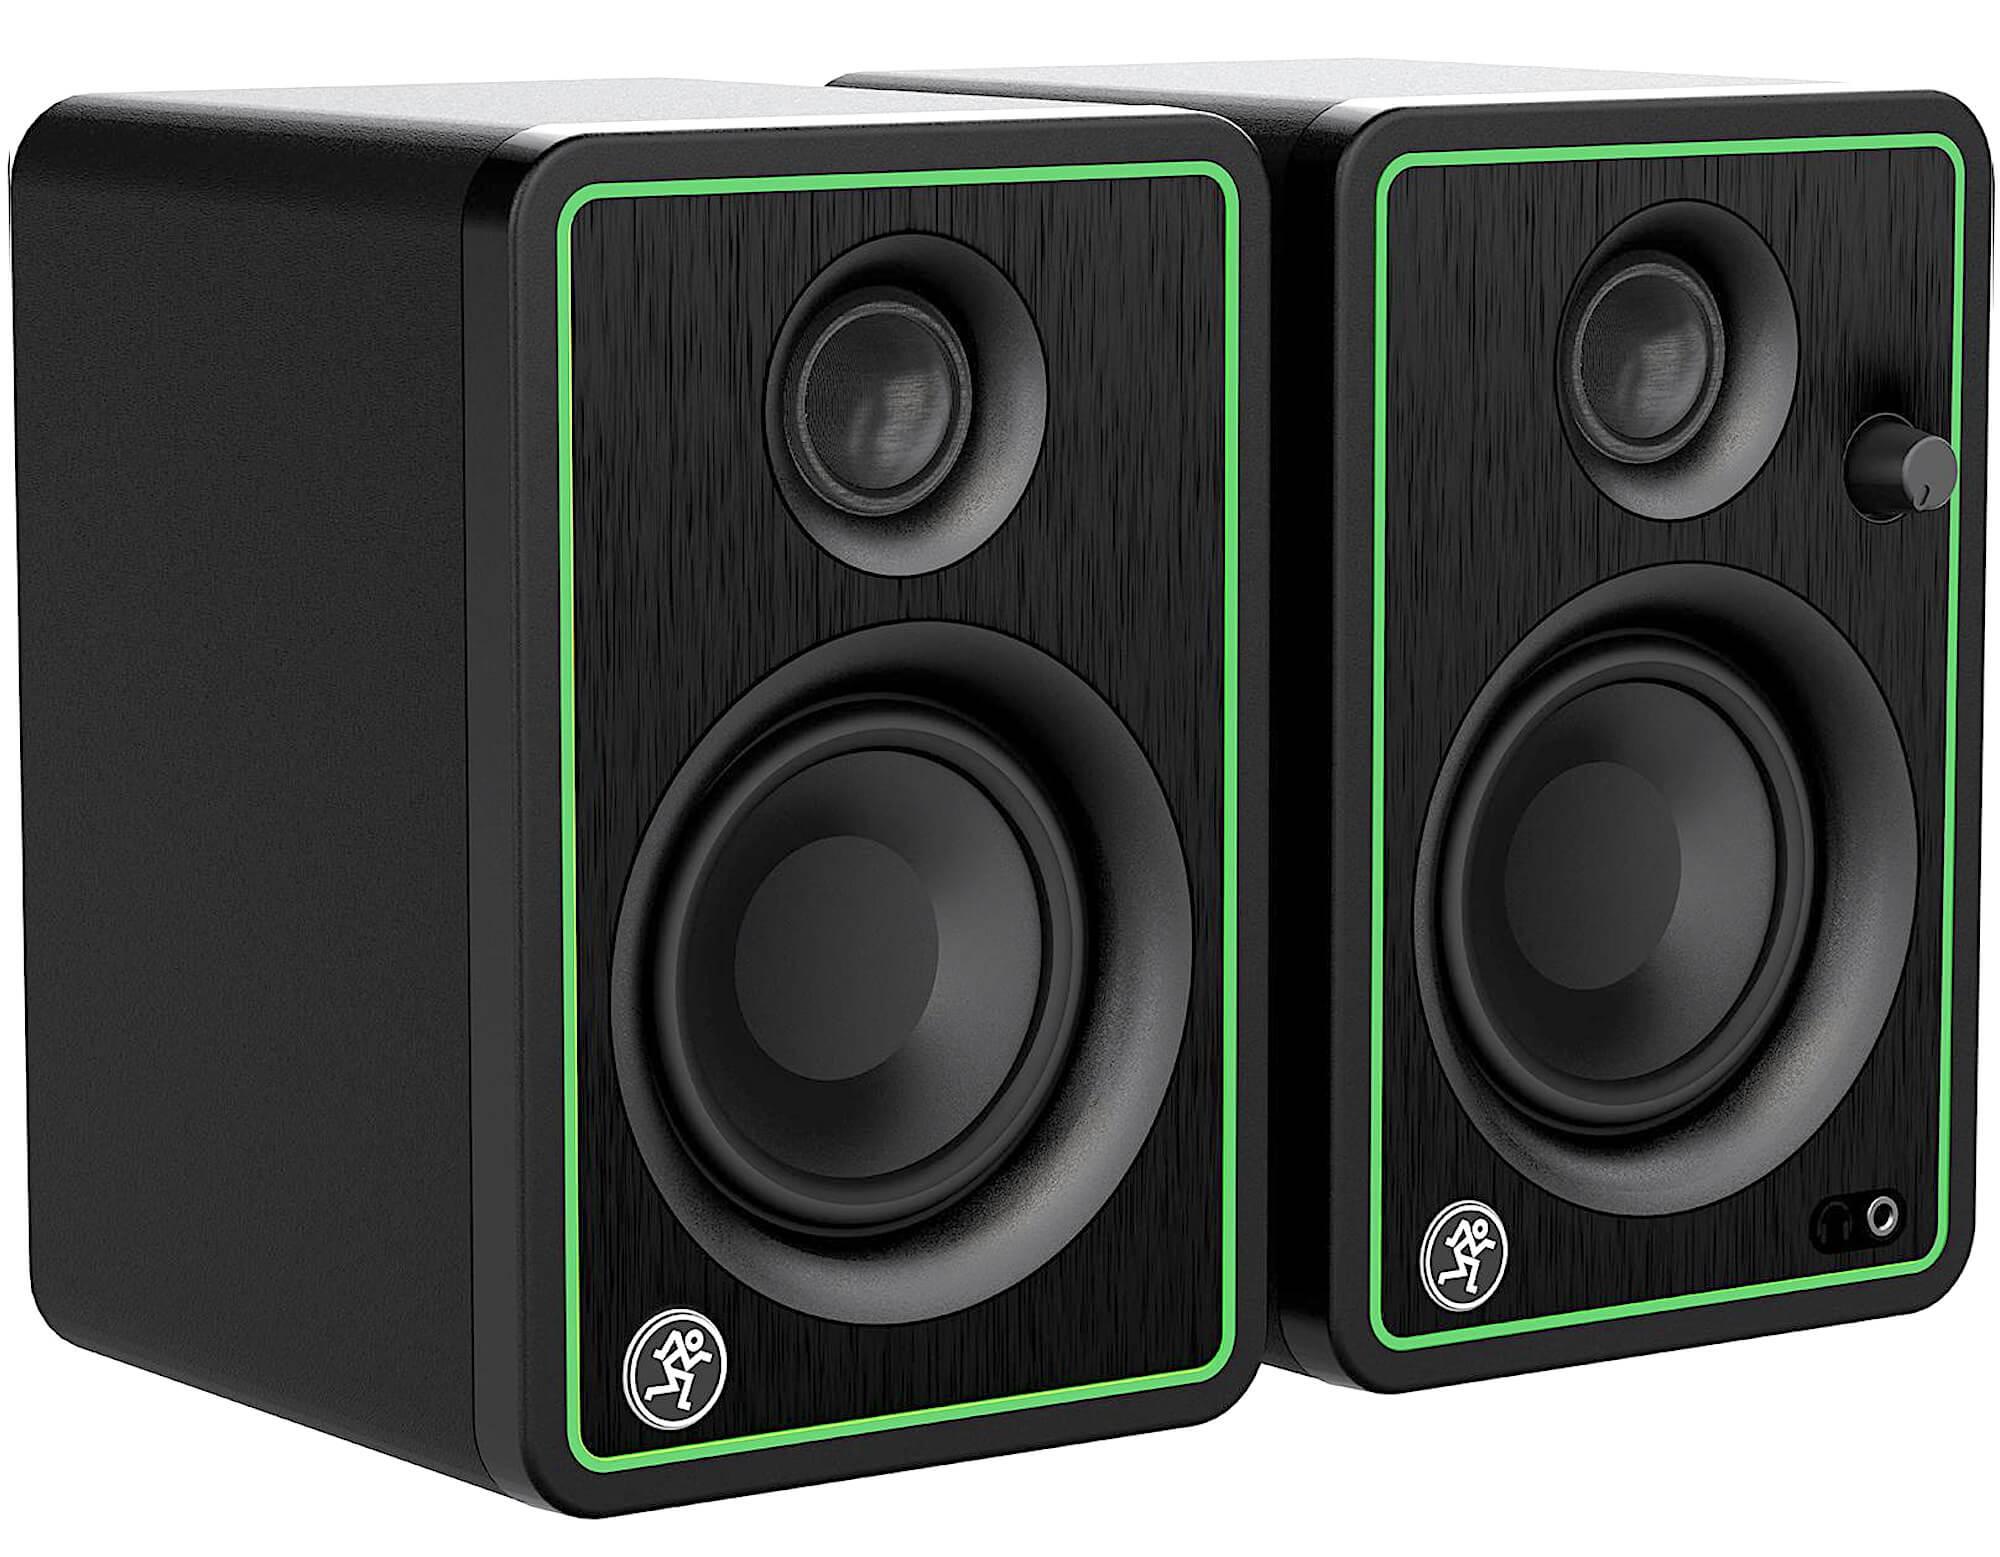 Мониторы для мультимедиа CR3-X — Audiomania.ru